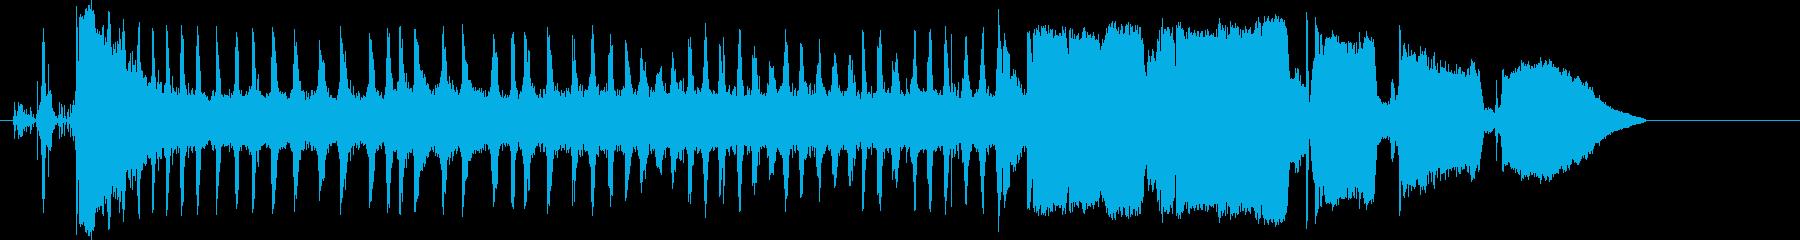 オートバイ;スタート/アウェイ;ト...の再生済みの波形